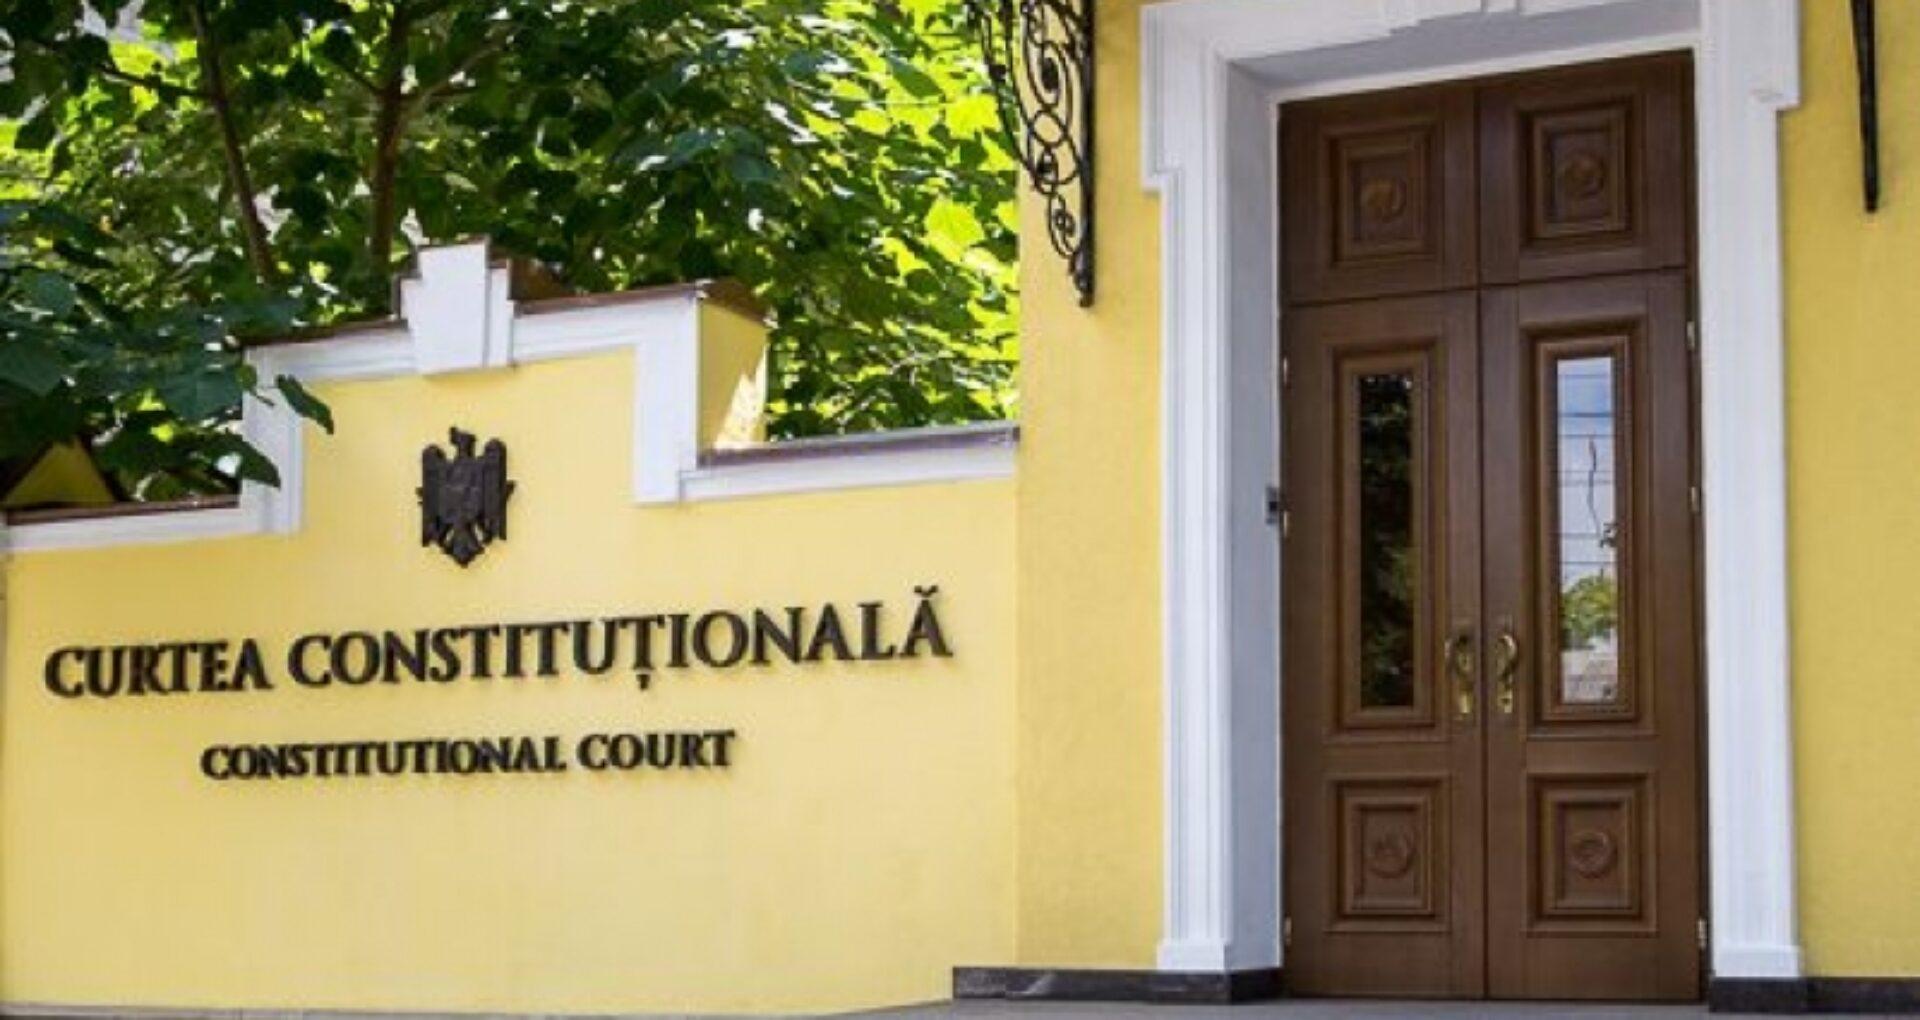 DOC/ CC: Judecătorii constituționali beneficiază de imunitatea funcțională și după expirarea mandatului acestora